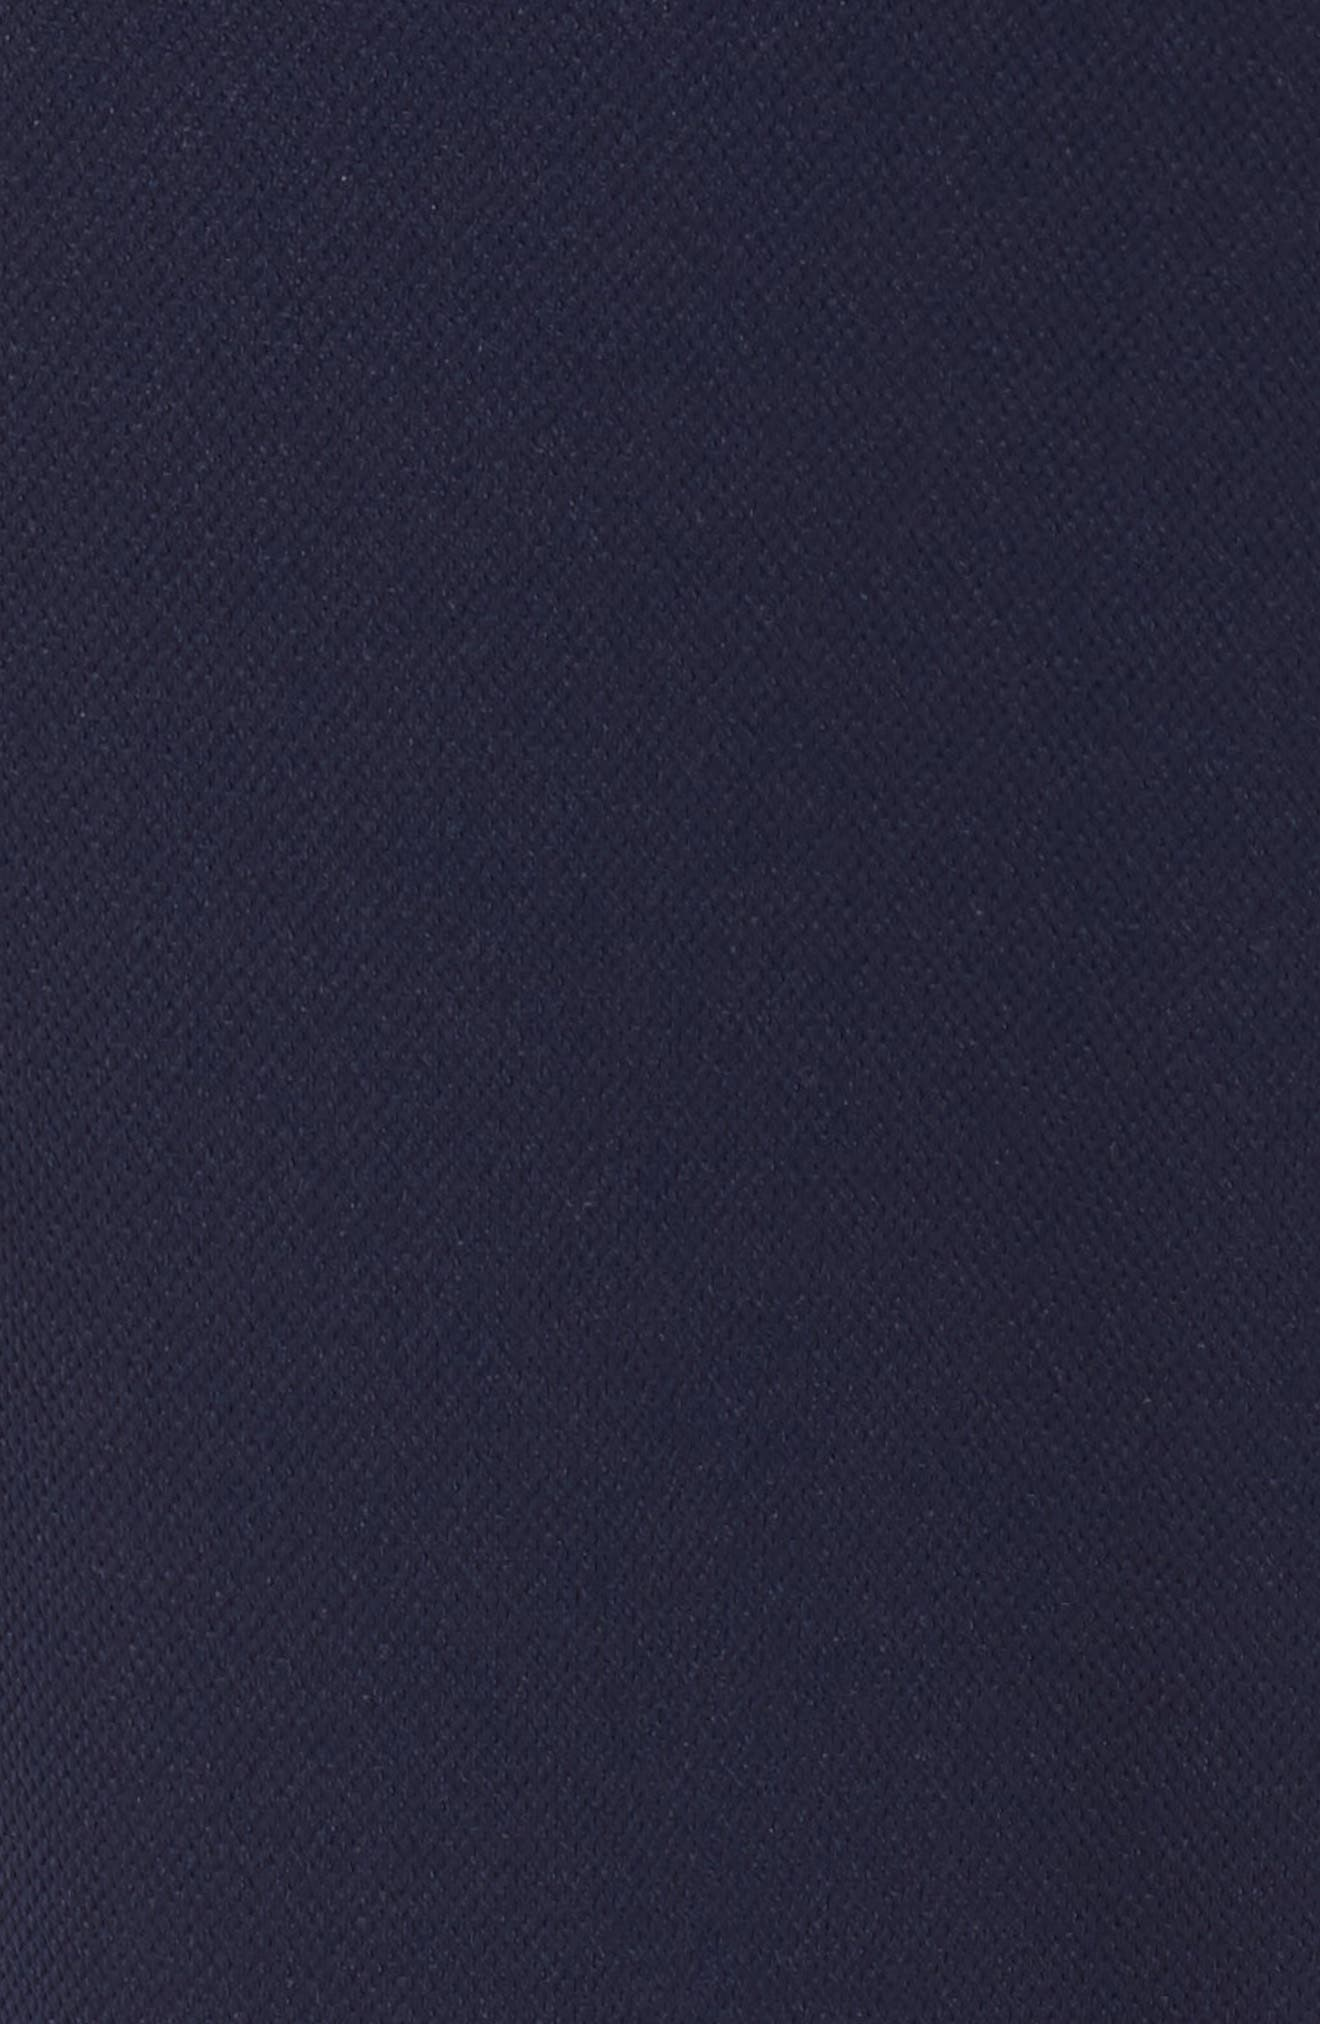 Maverick Tapered Pants,                             Alternate thumbnail 5, color,                             410